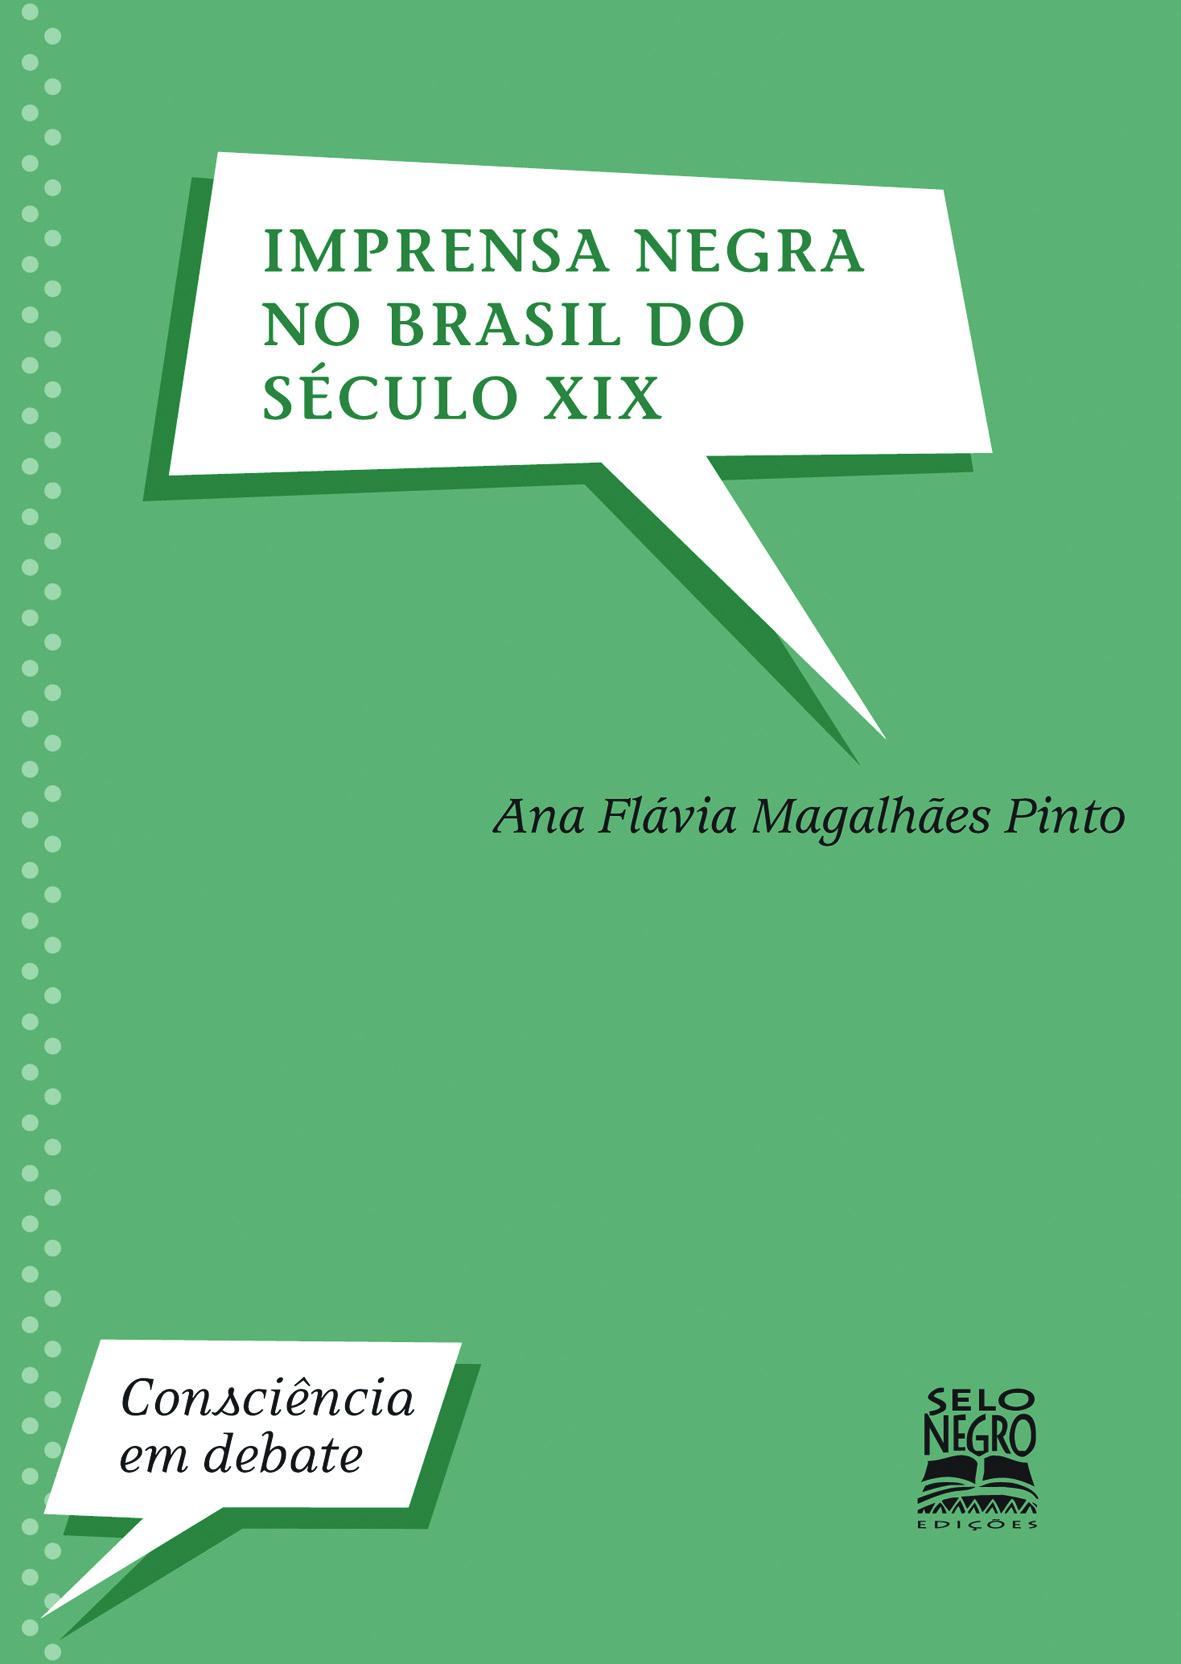 IMPRENSA NEGRA NO BRASIL DO SECULO XIX